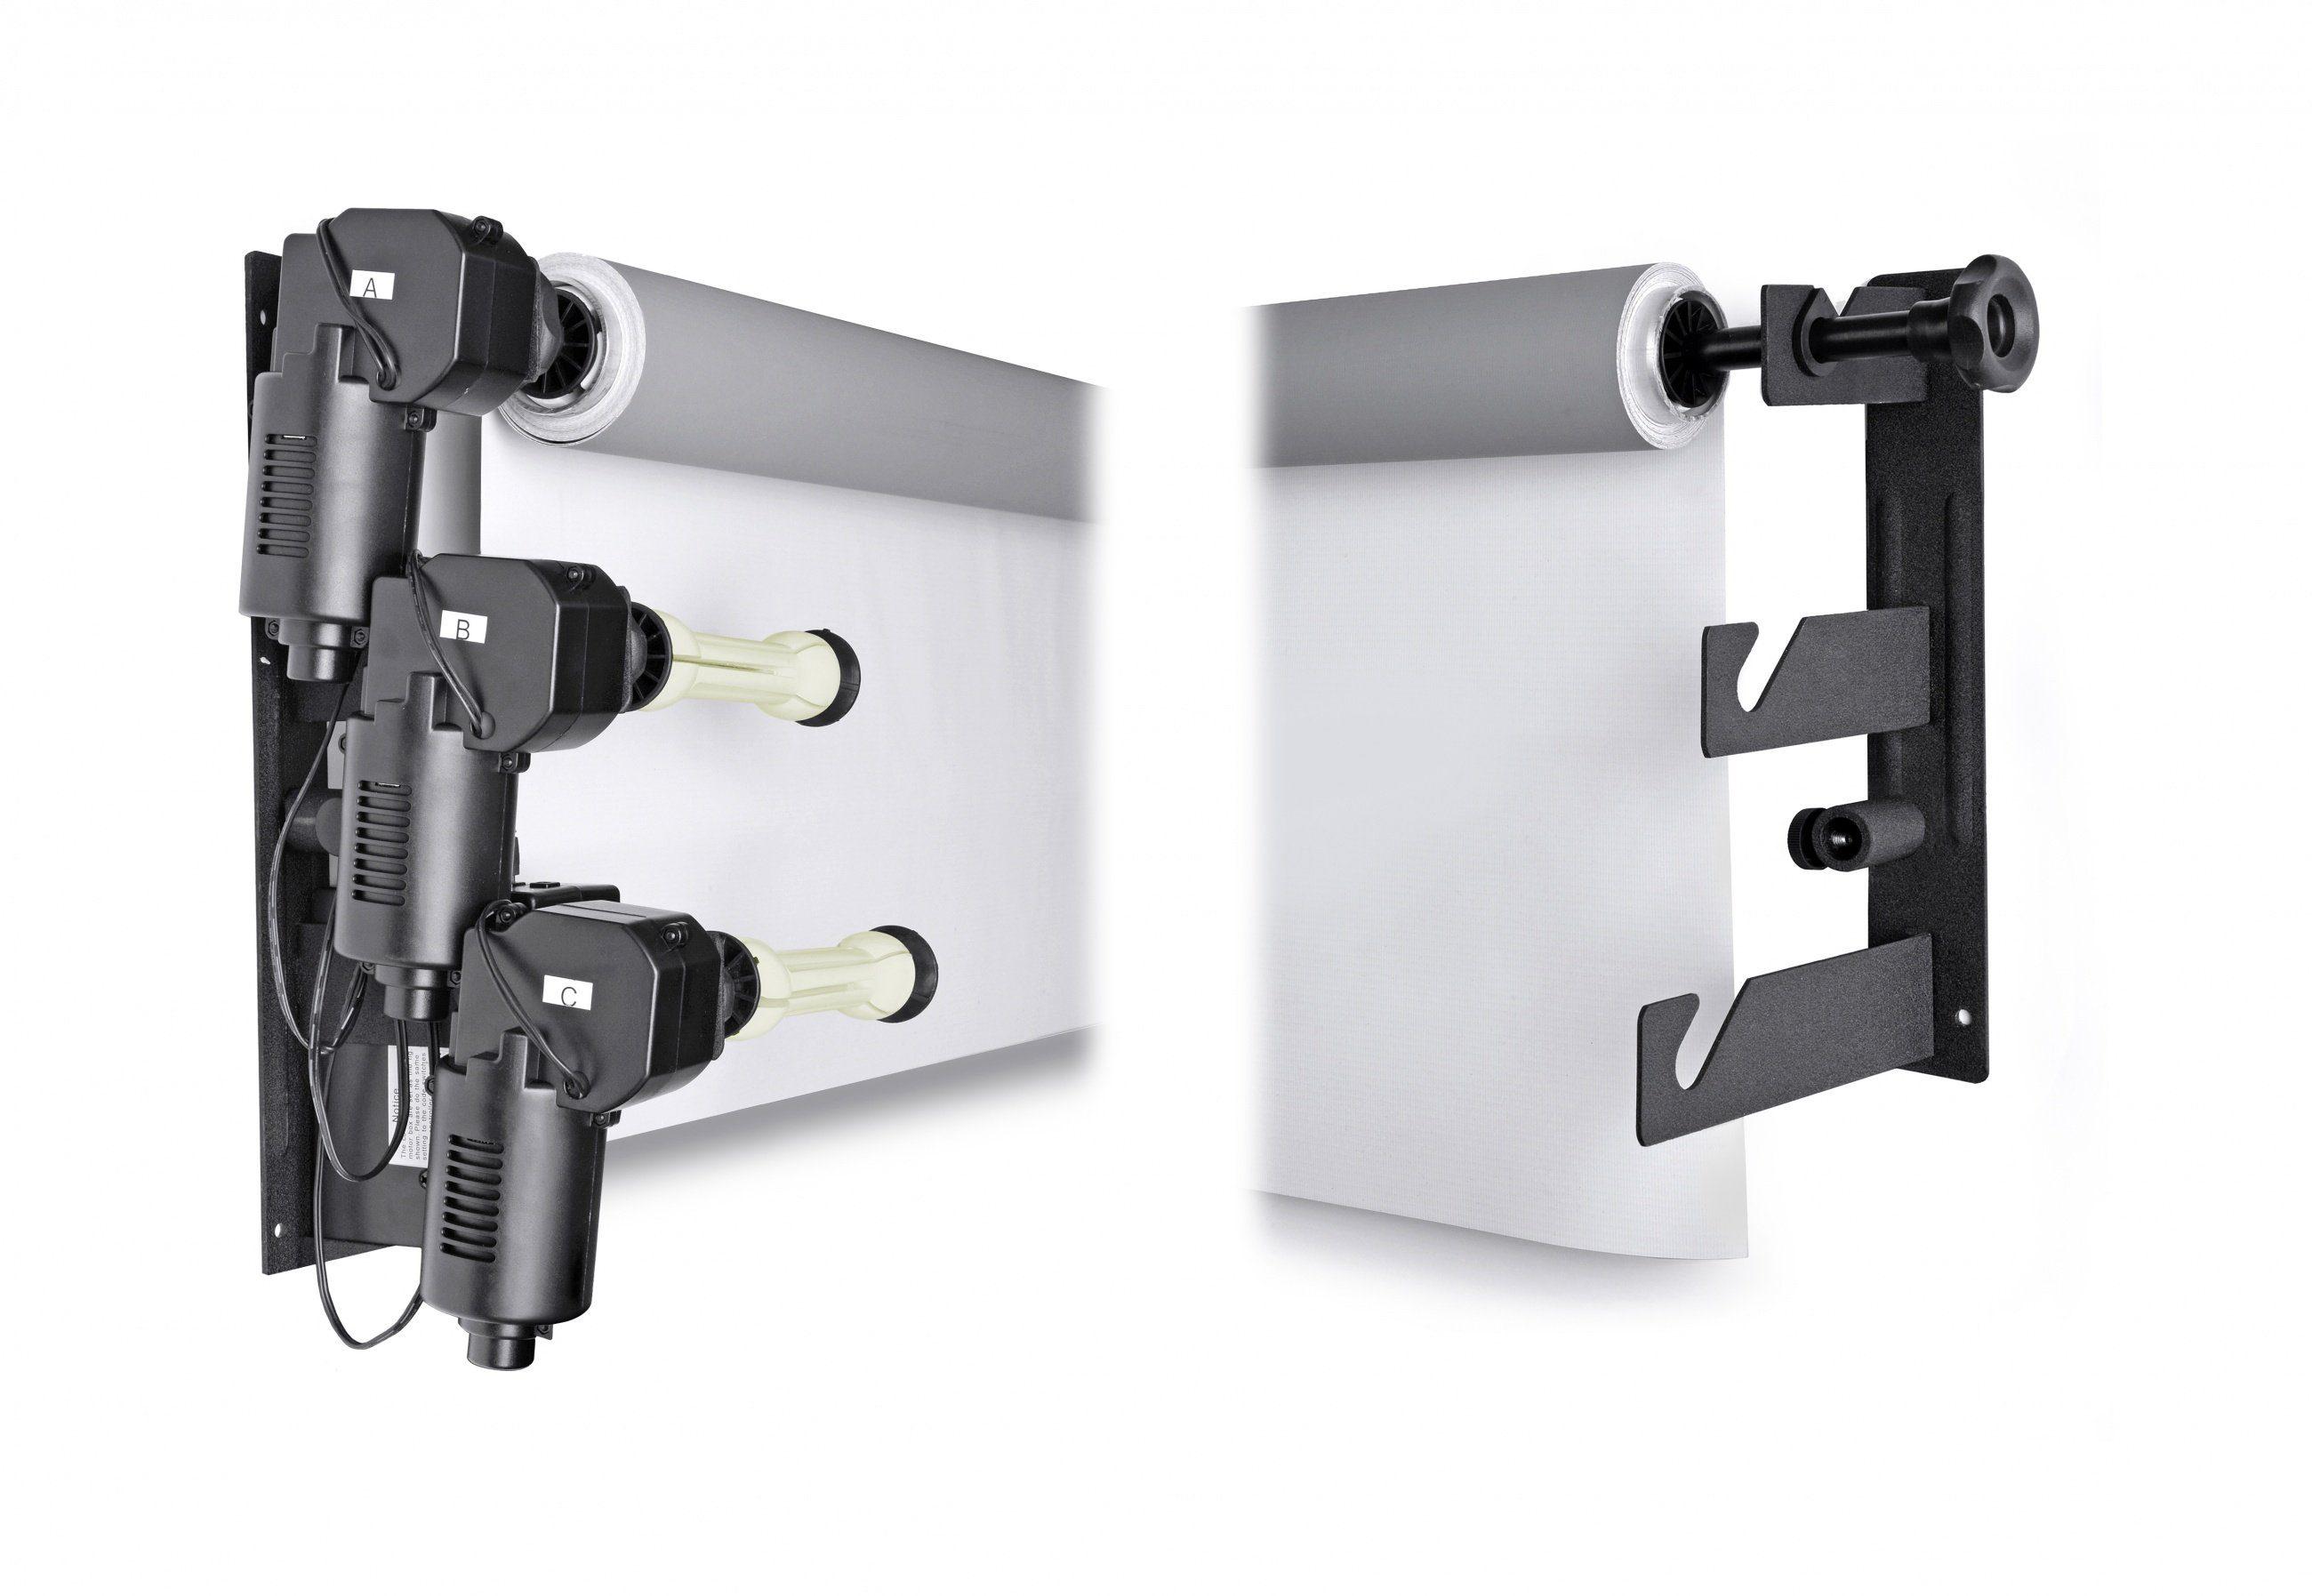 BRESSER Fotostudio »BRESSER Elektrisches Aufhängesystem für 3 Rollen«